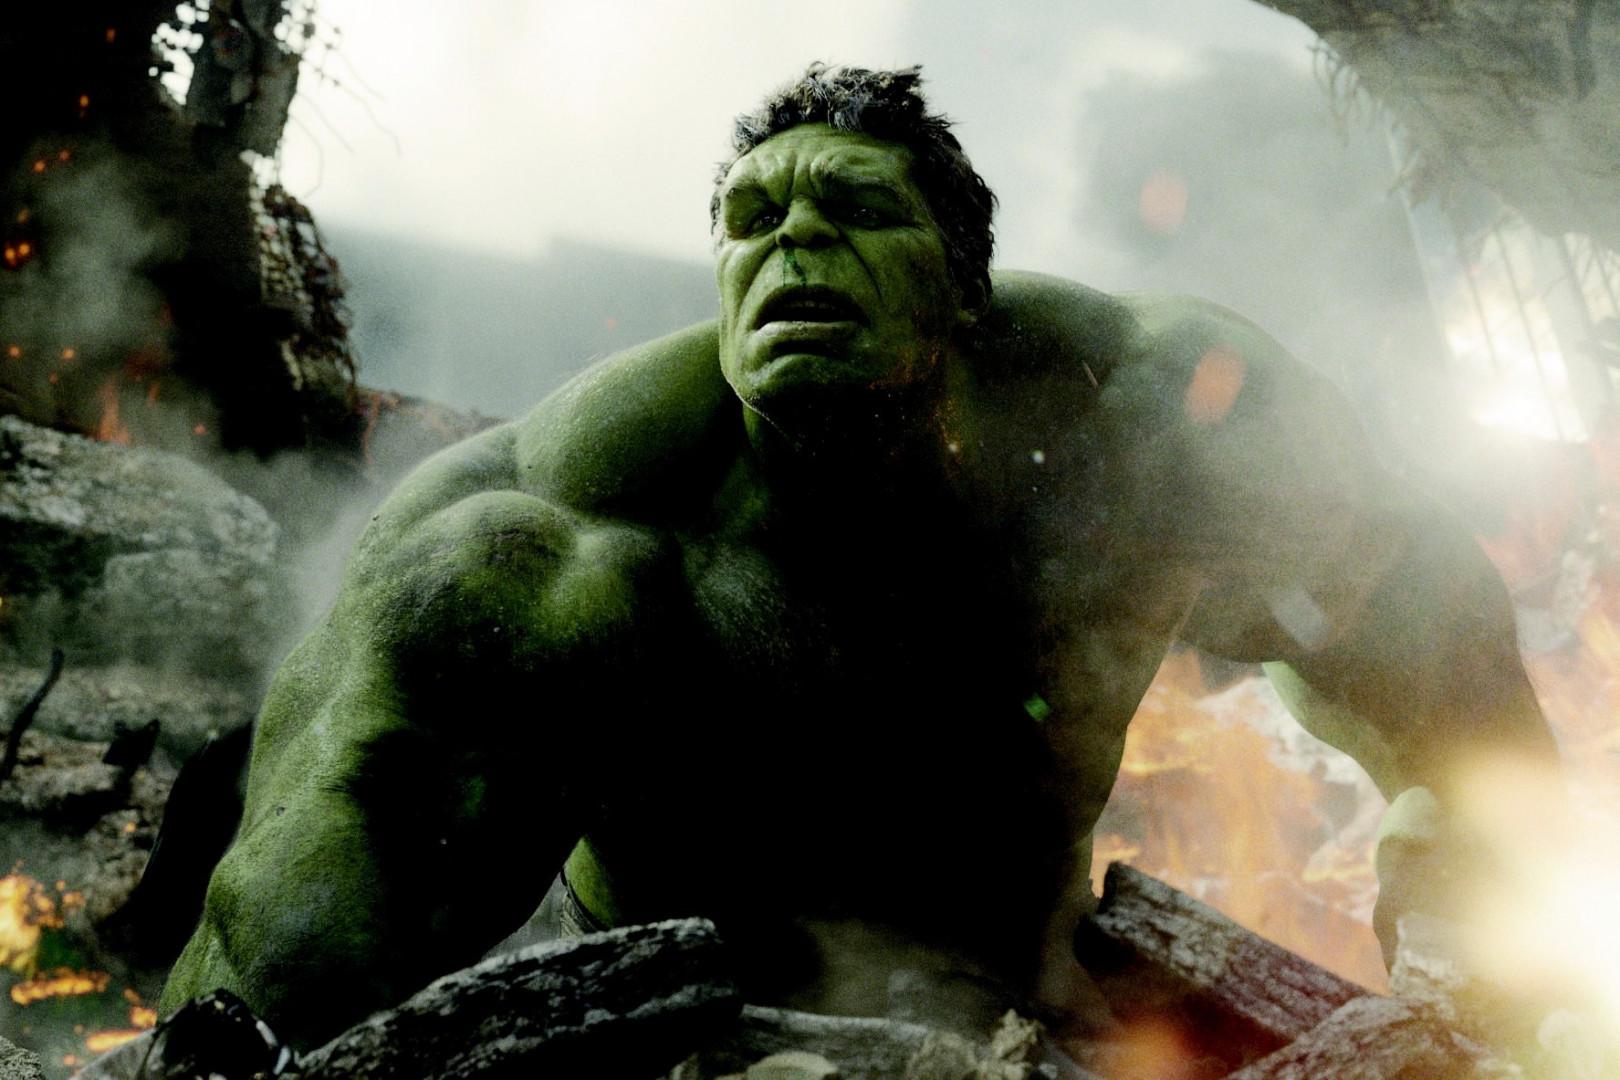 5 - Hulk (Mark Ruffalo) clôt le top 5 des Avengers les moins appréciés